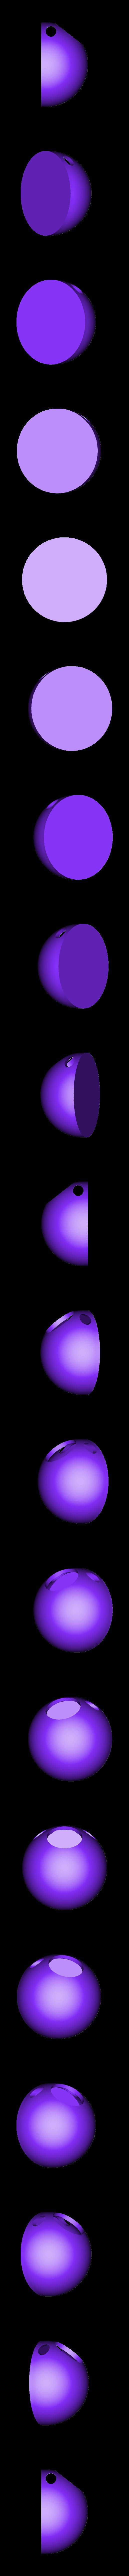 Colier_demi-sphere_2.STL Download free STL file Demi-Sphere flowerpot necklace • 3D printable model, leFabShop